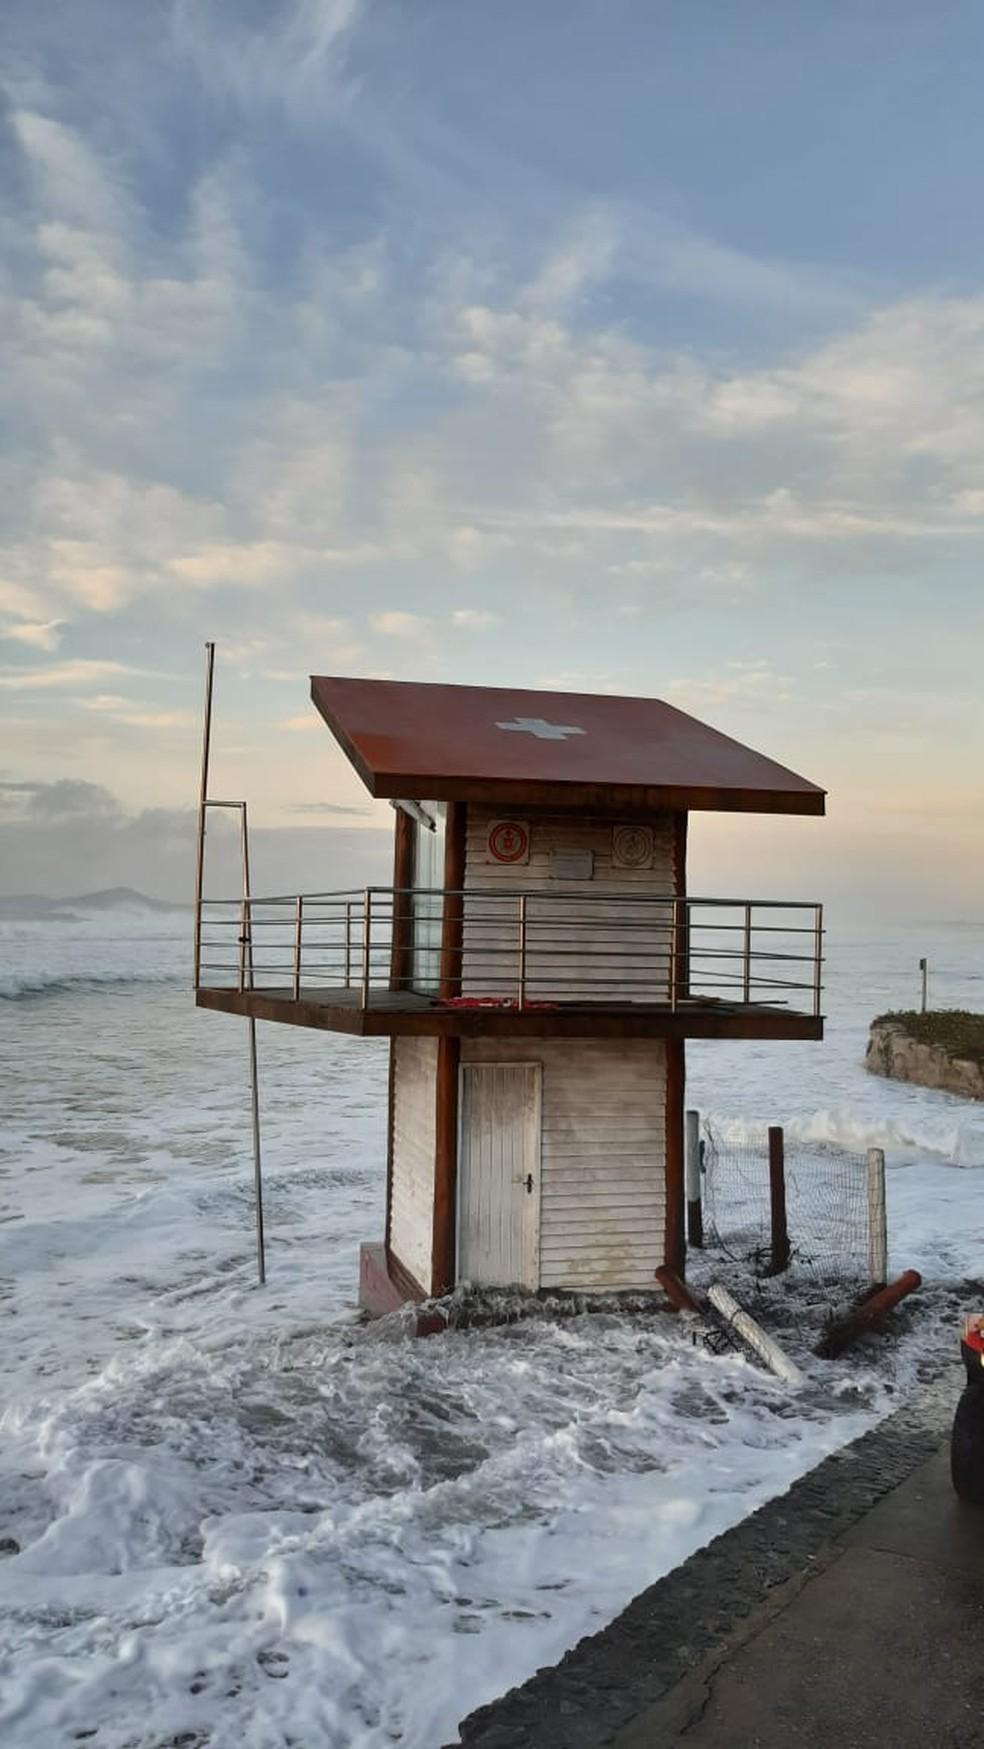 Faixa de areia da Praia do Forte, em Cabo Frio, RJ, foi atinfida pelas fortes ondas da ressaca — Foto: André Dias/Inter TV